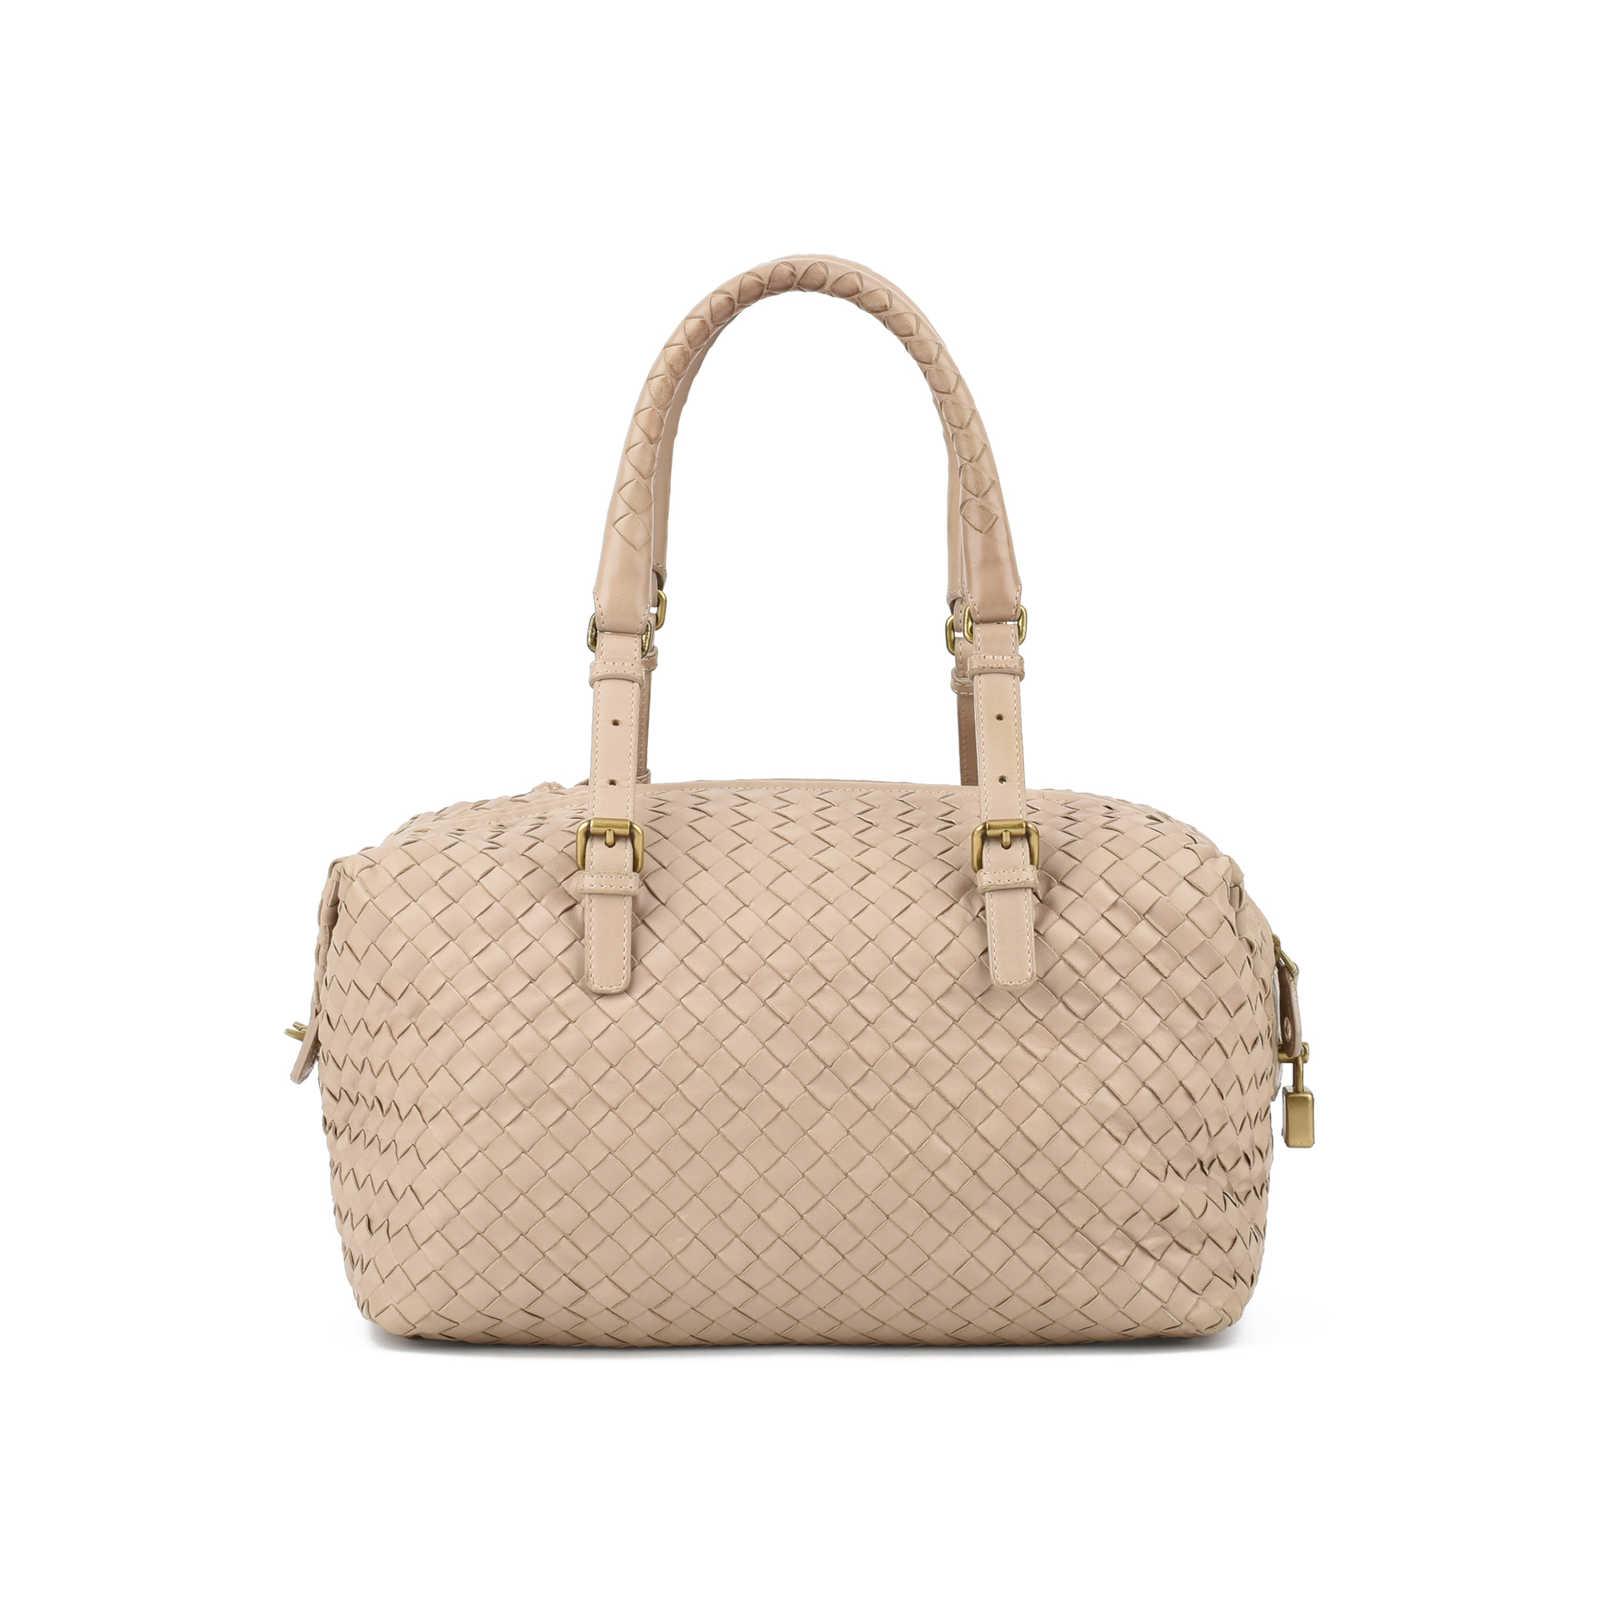 330a9de422 ... Authentic Second Hand Bottega Veneta Intrecciato Nappa Montaigne Bag  (PSS-436-00026) ...